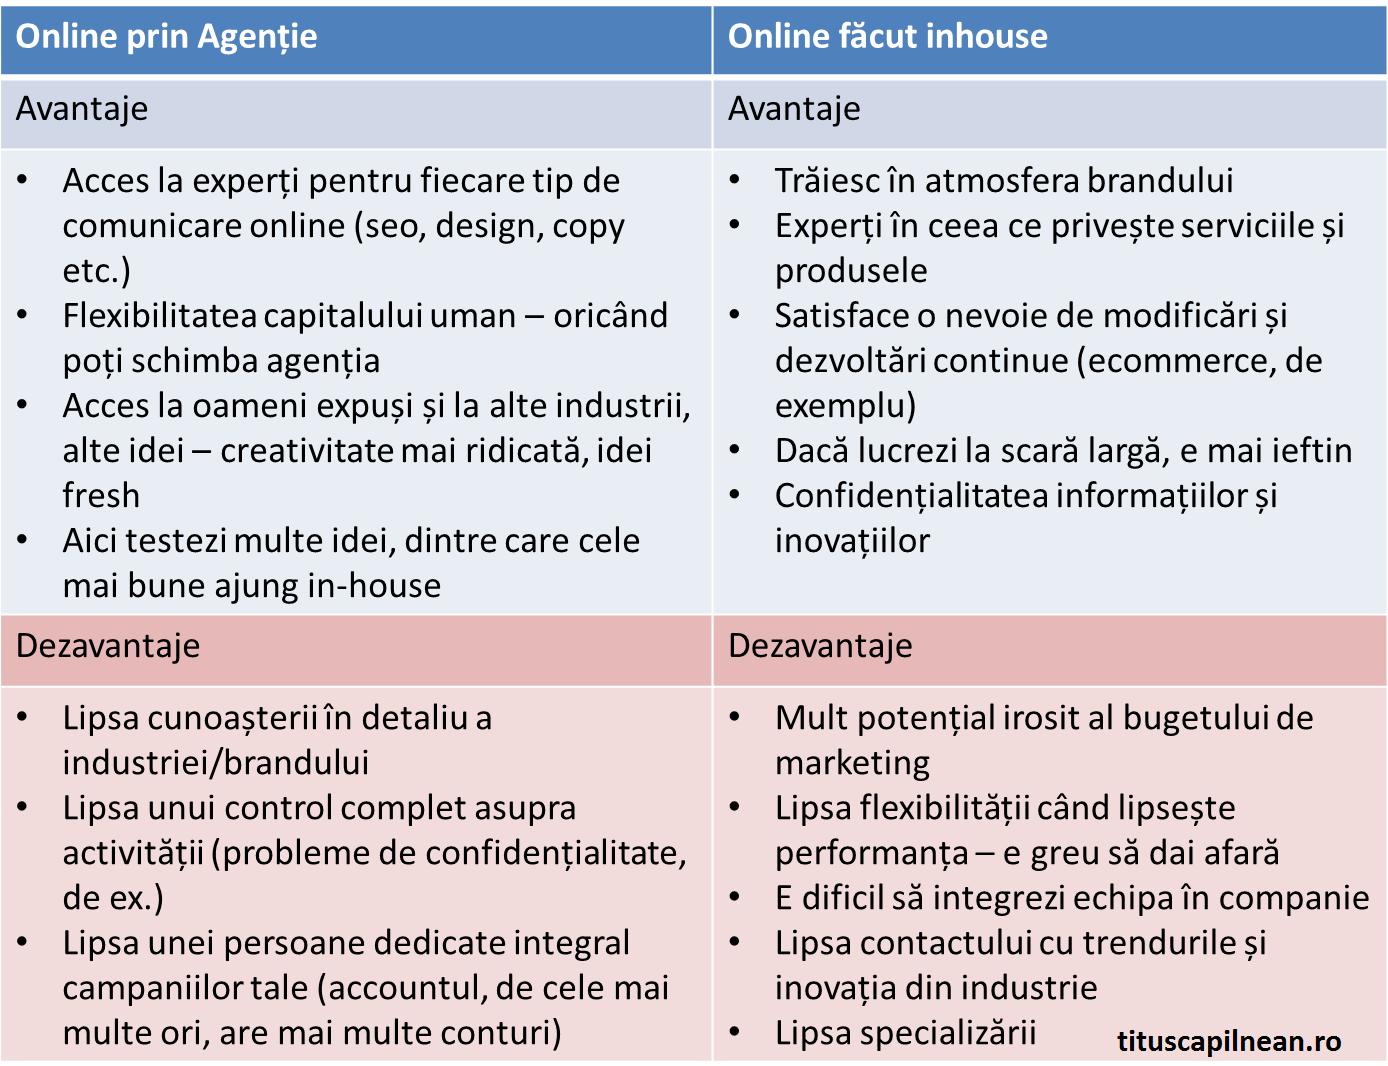 Agentie vs. inhouse